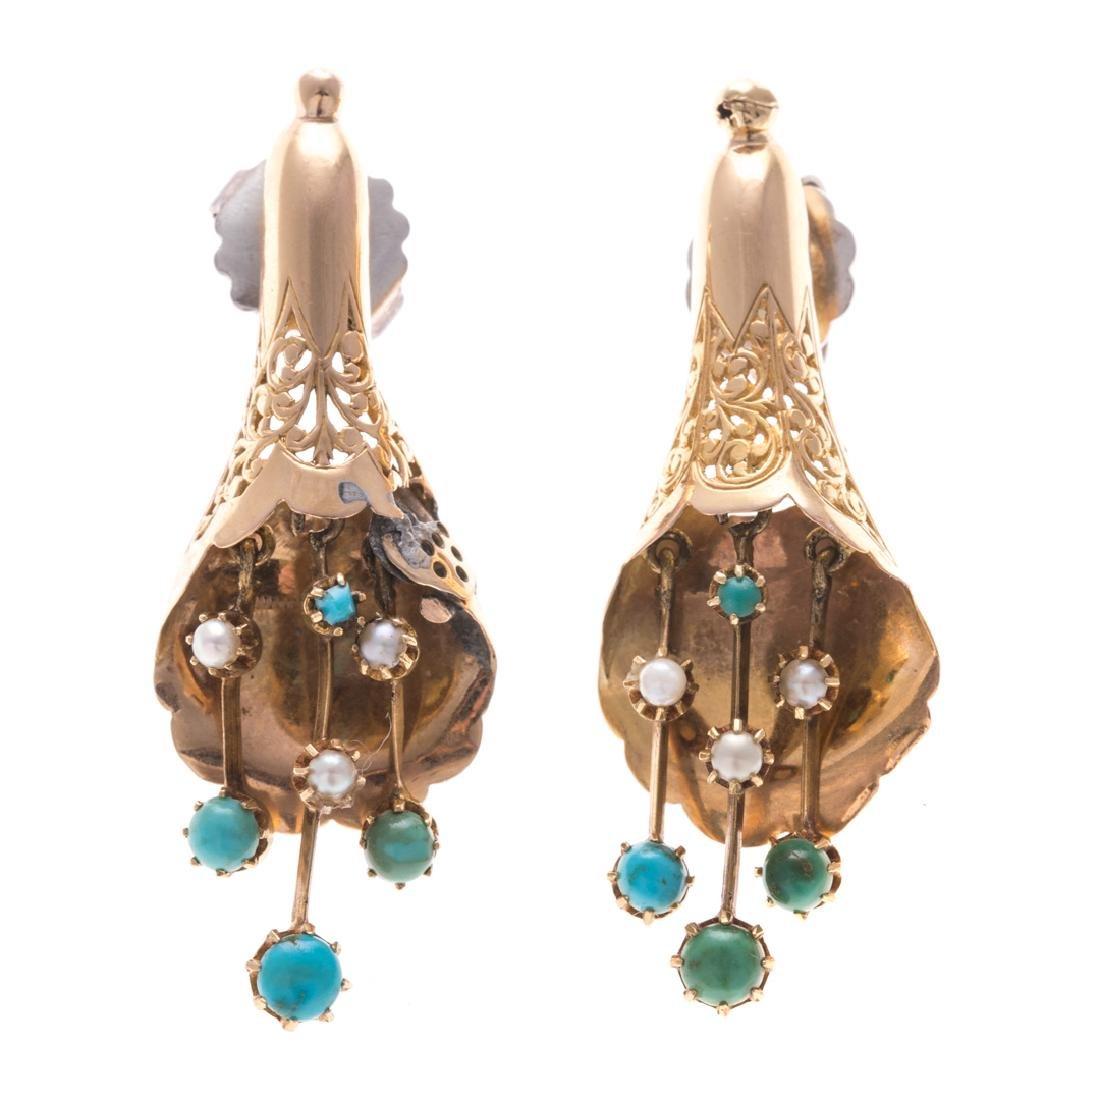 Two Pairs of Vintage Gemstone Earrings in Gold - 3